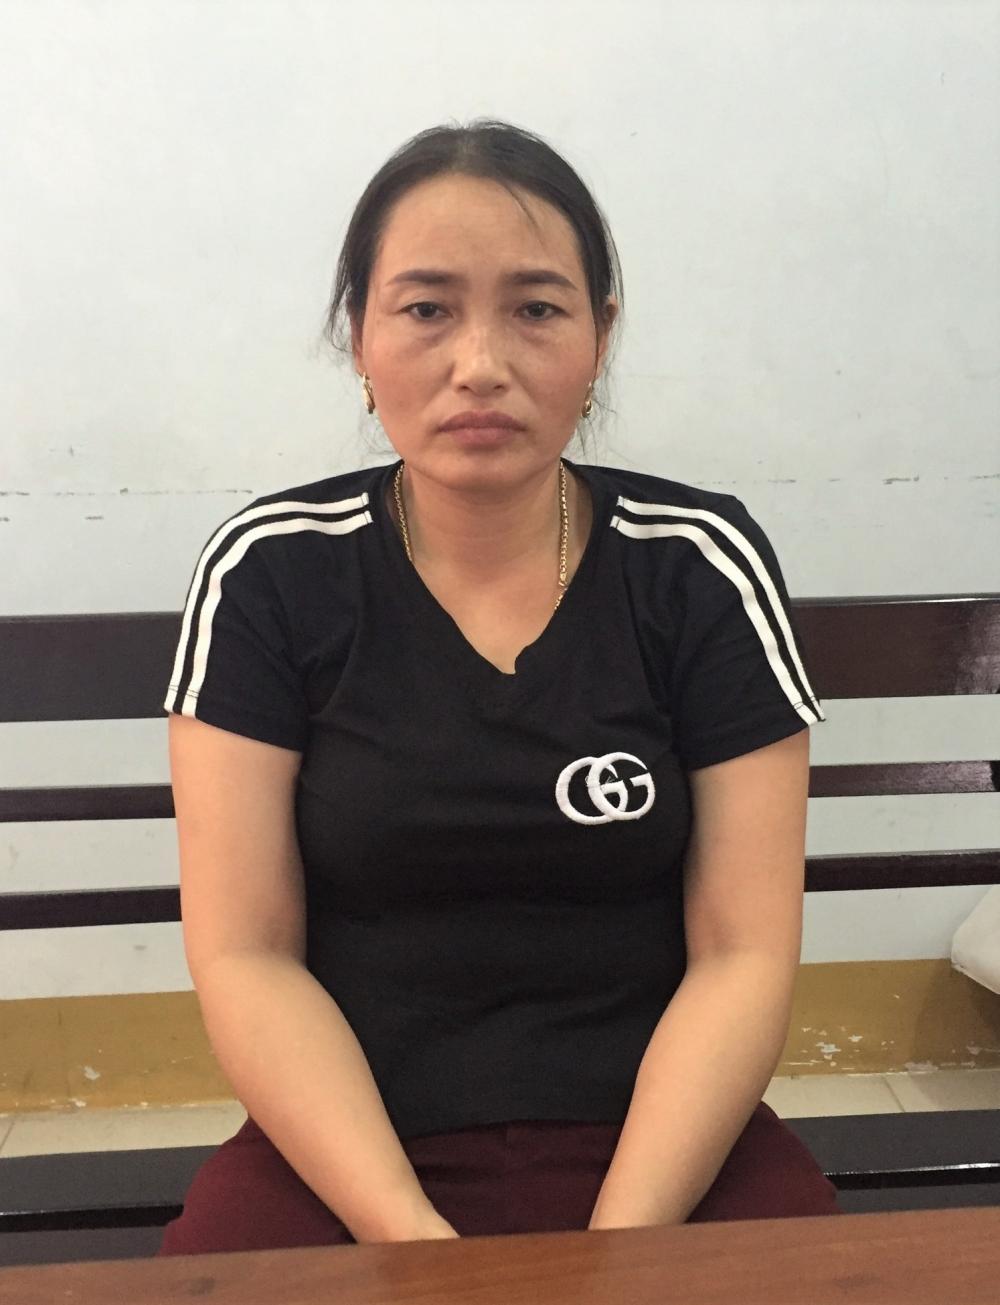 Công an Hương khê khởi tố bị can Nguyễn Thị Hiền, trú tại Hòa Hải về hành vi mua bán Ma Túy